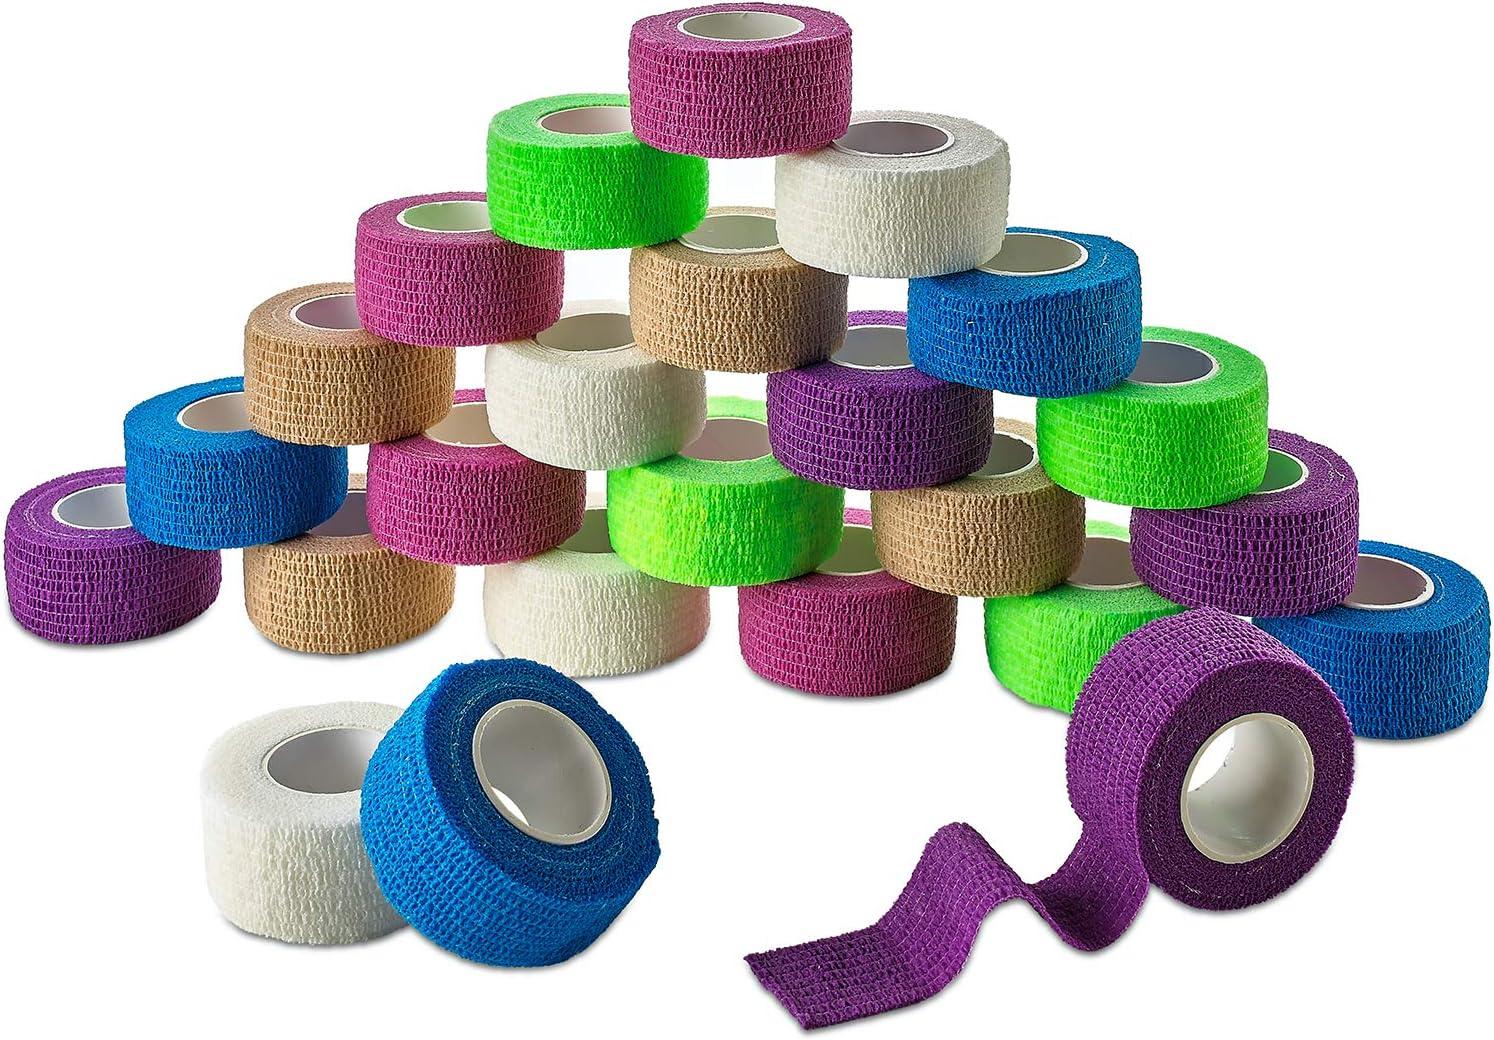 Vendajes adhesivos cohesivos MEDca de 1 pulgada X 5 Yardas (Colores del arcoiris) EMPAQUE DE 24. Cinta de primeros auxilios colorida para aliviar el dolor y la hinchazón en tobillo y muñeca.